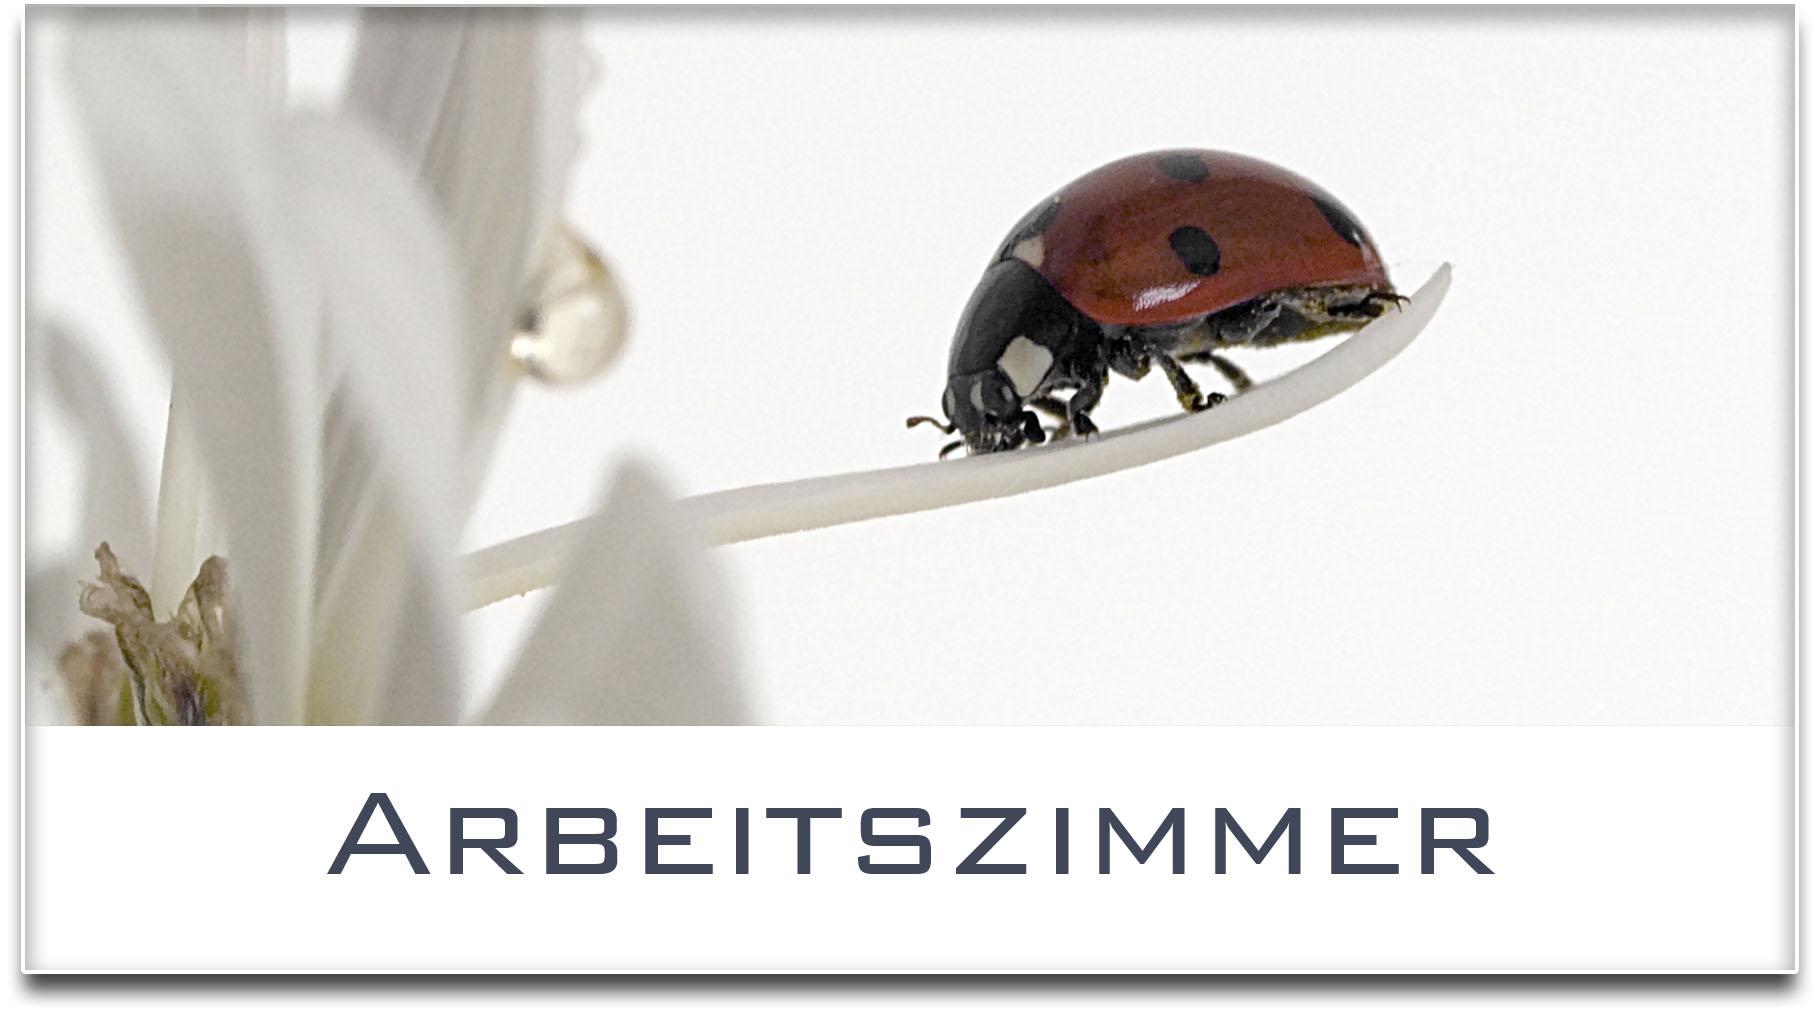 Türschild / Haustürschild / Marienkäfer / Arbeitszimmer / Selbstklebend